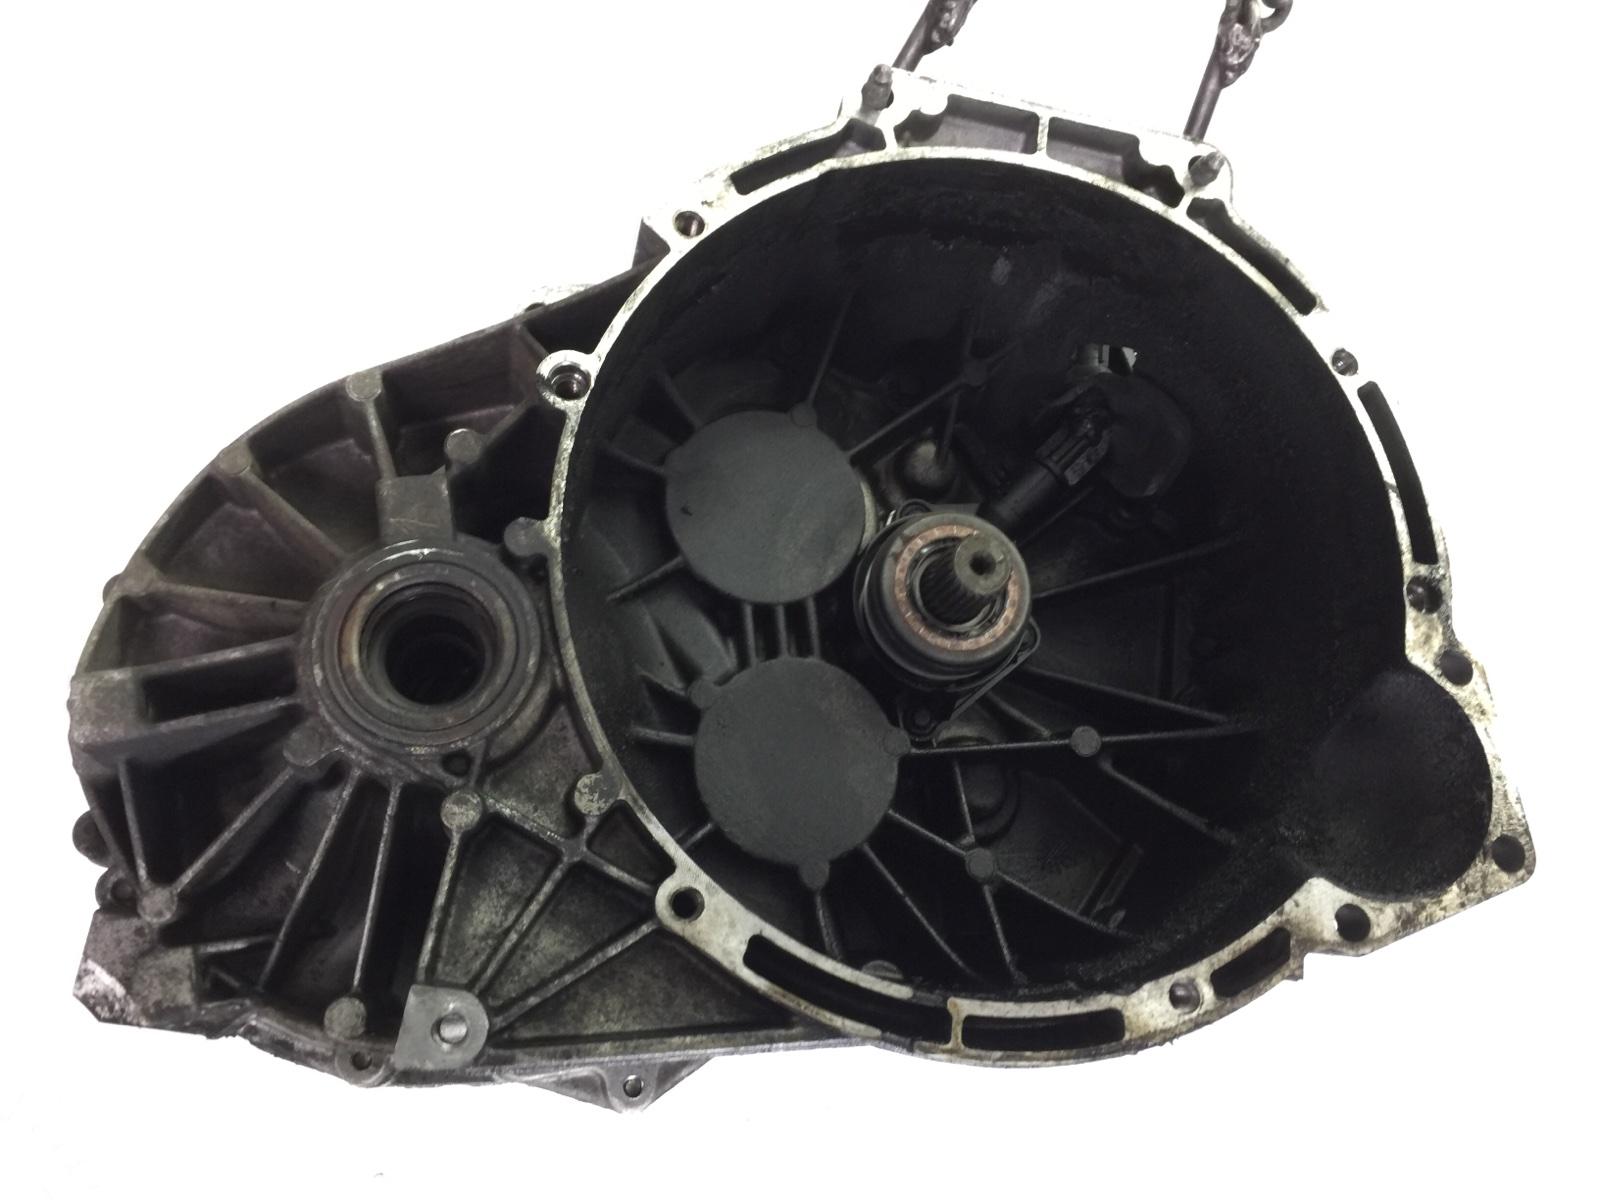 Кпп механическая (мкпп) Ford S-Max 1.8 TDCI 2006 (б/у)